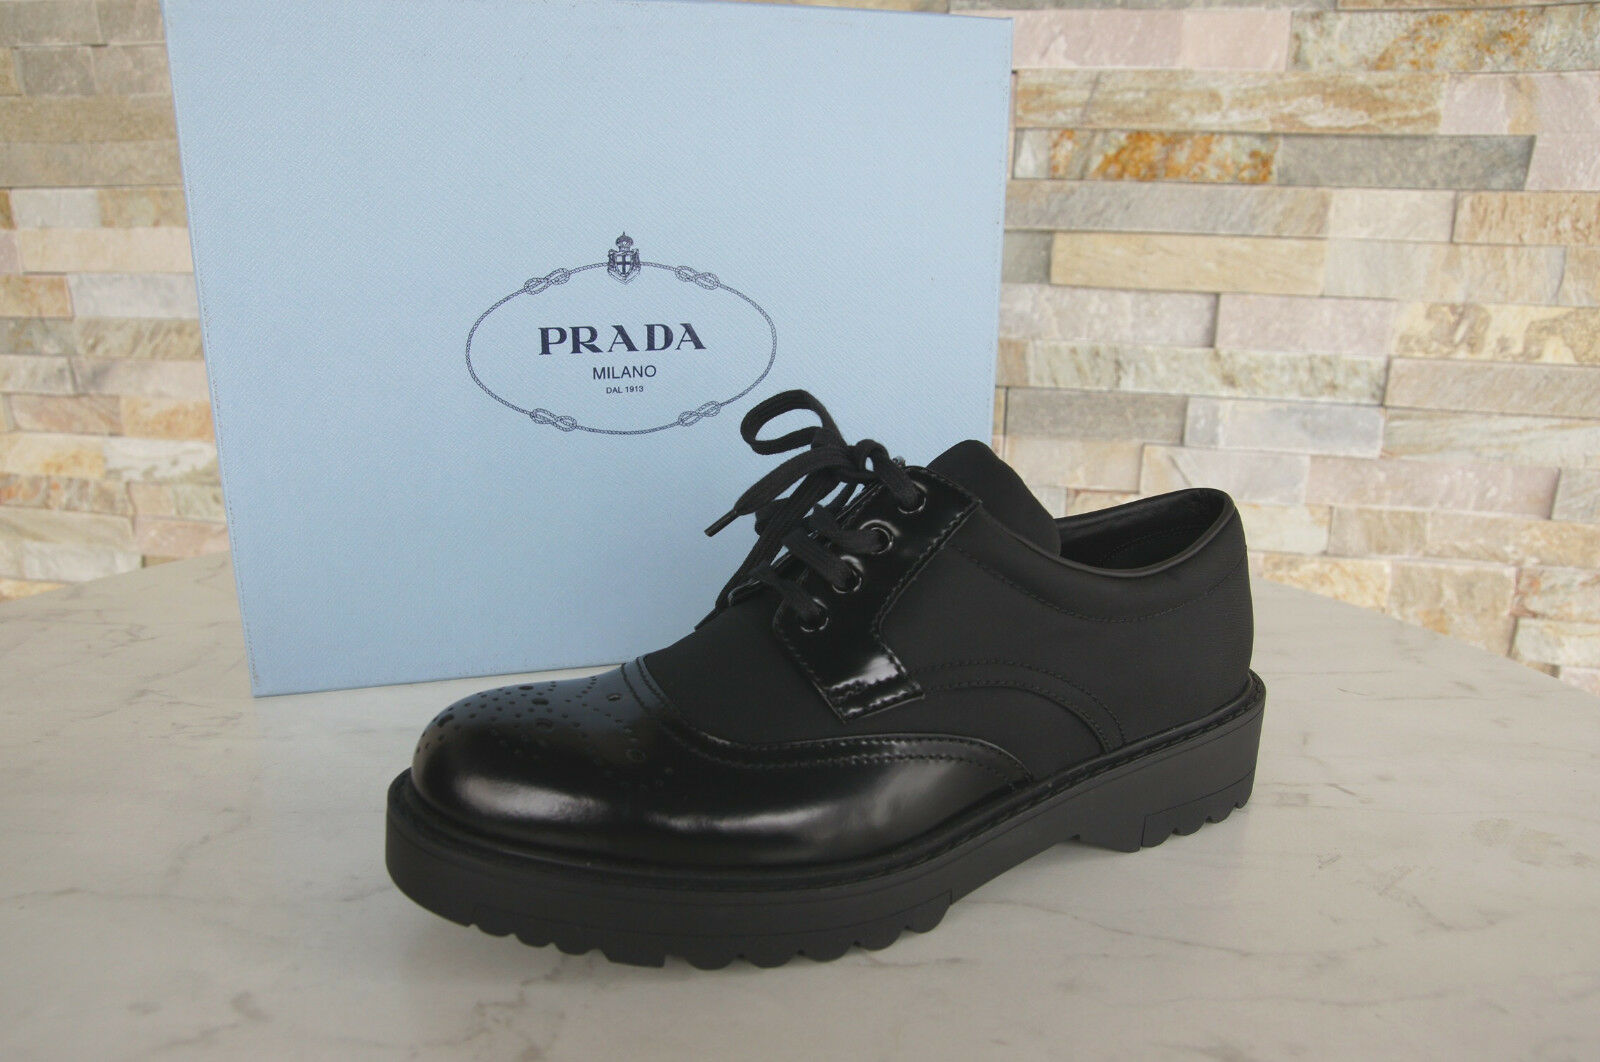 PRADA T 38 Chaussures Basses Chaussure Lacée Chaussures 1e038h Noir Noir Noir Nouveau Ancien Prix Recommandé 4e7780